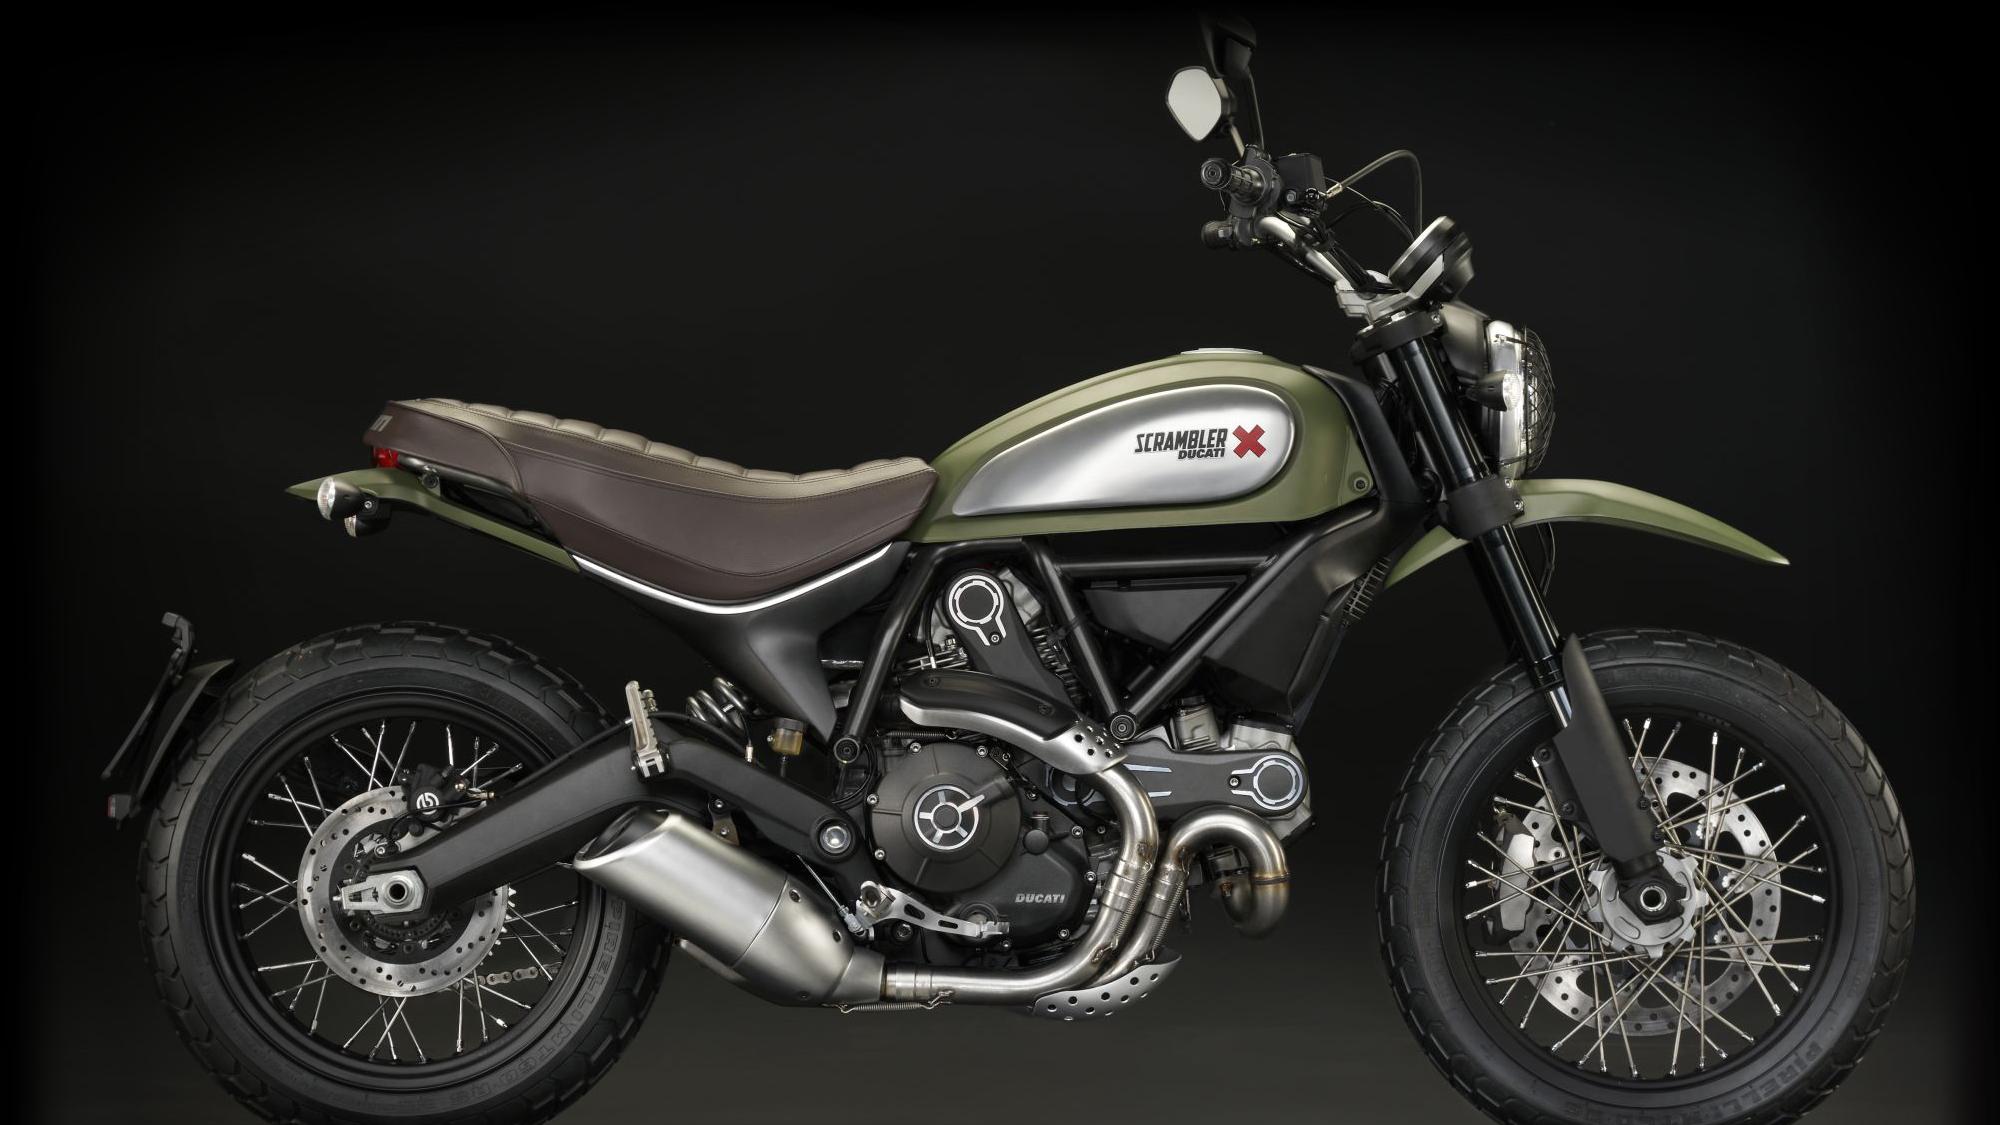 Ducati Scrambler Motor Tuning